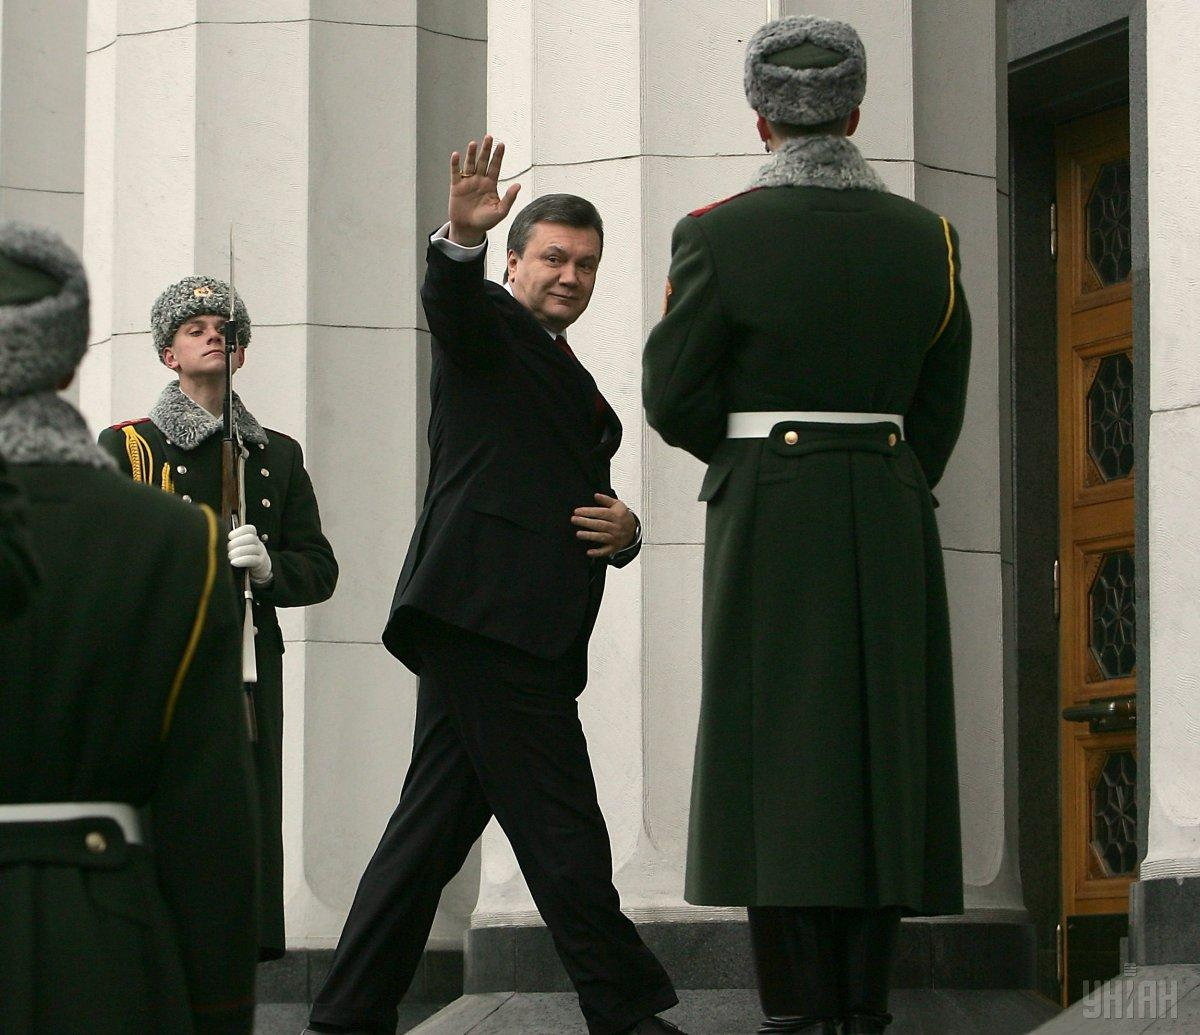 Когда Янукович входил в здание Верховной Рады, перед ним захлопнулась дверь / фото УНИАН